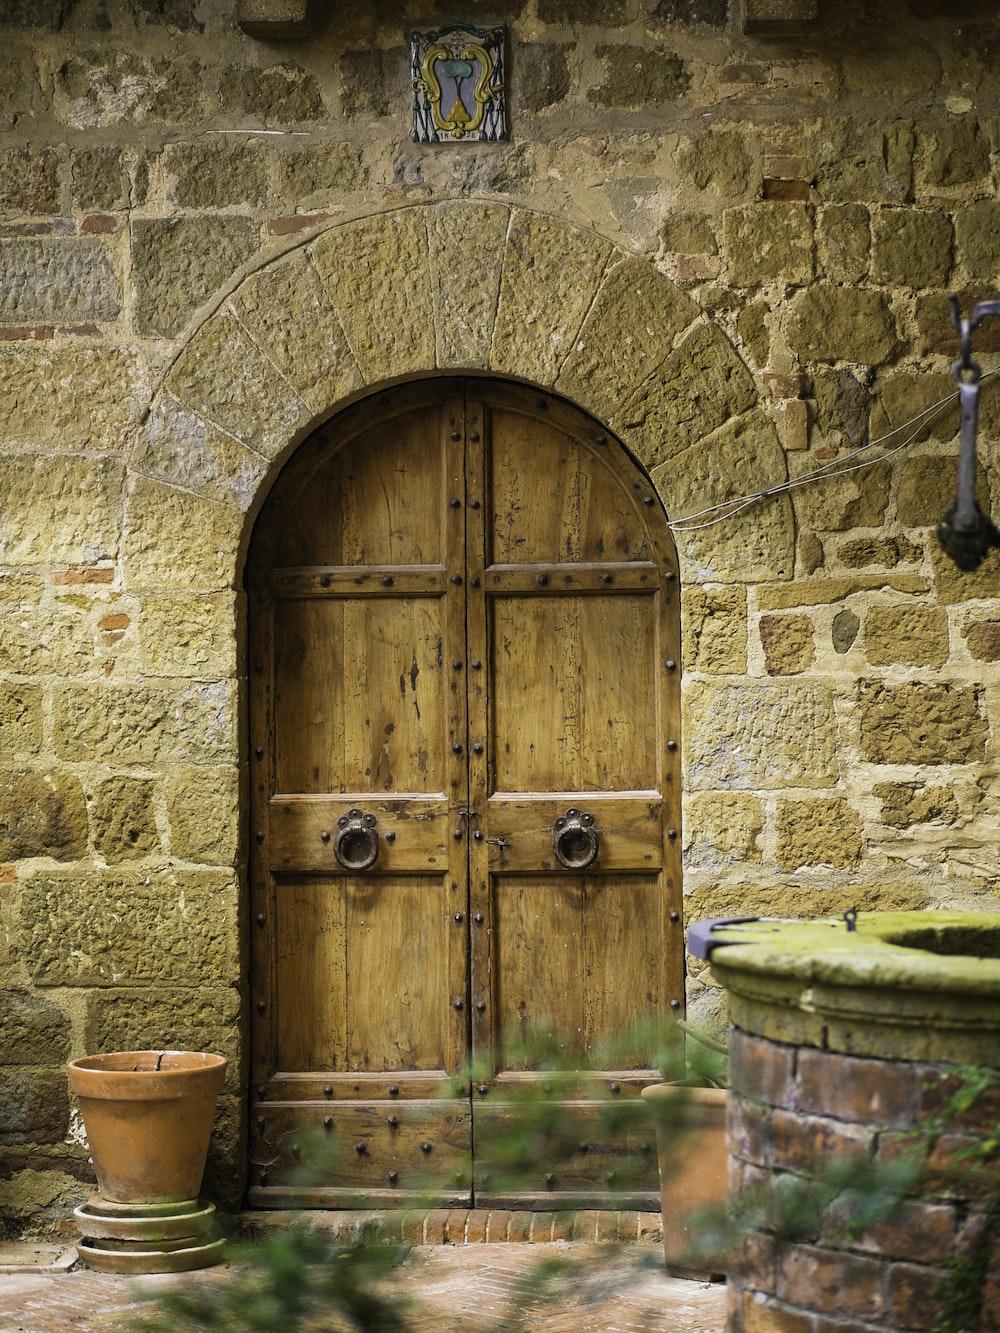 closed door on a brick building